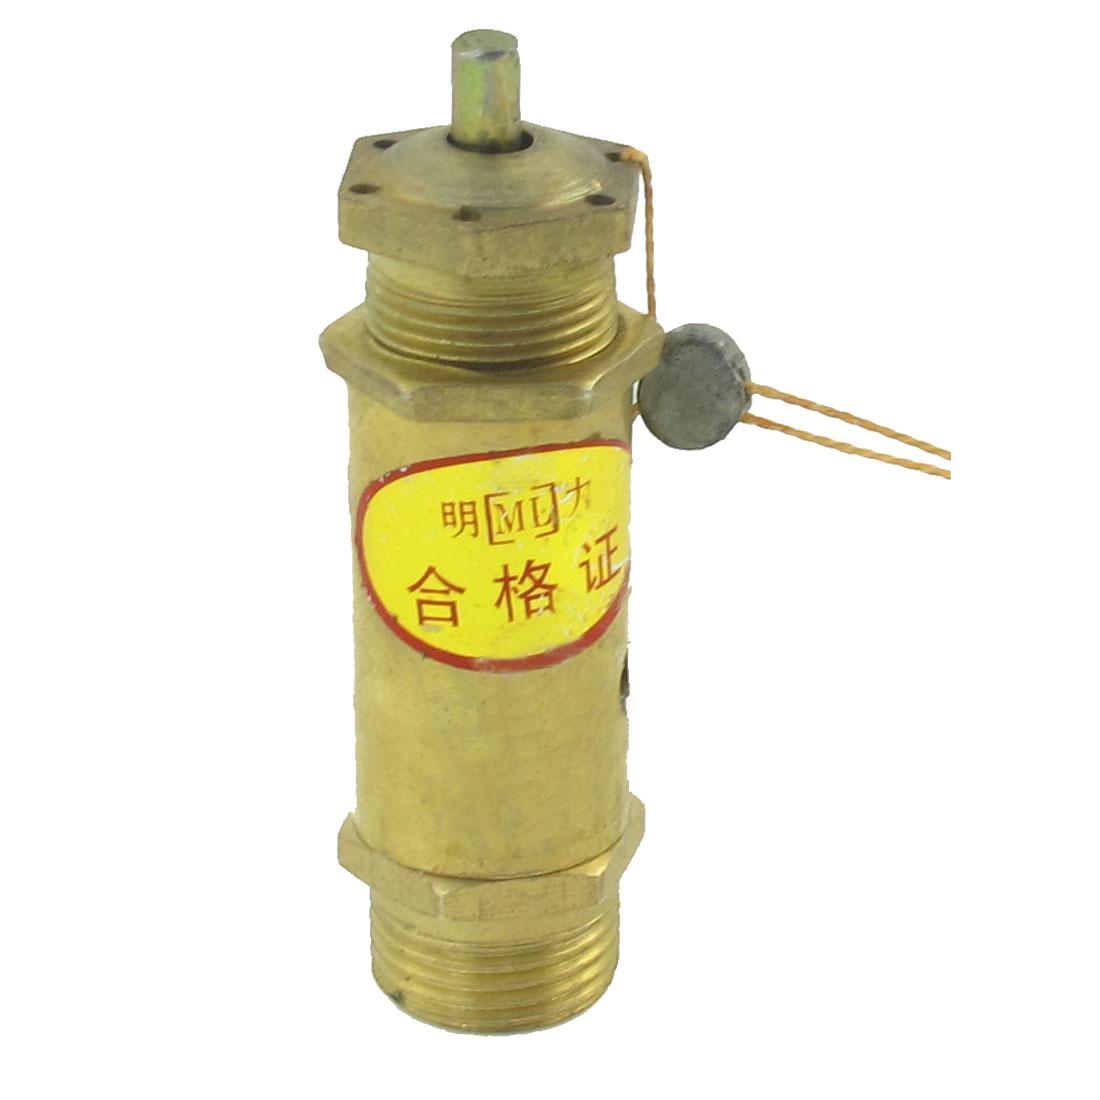 1/4 PT Dia Thread Pressure Safety Relief Valve Brass Tone